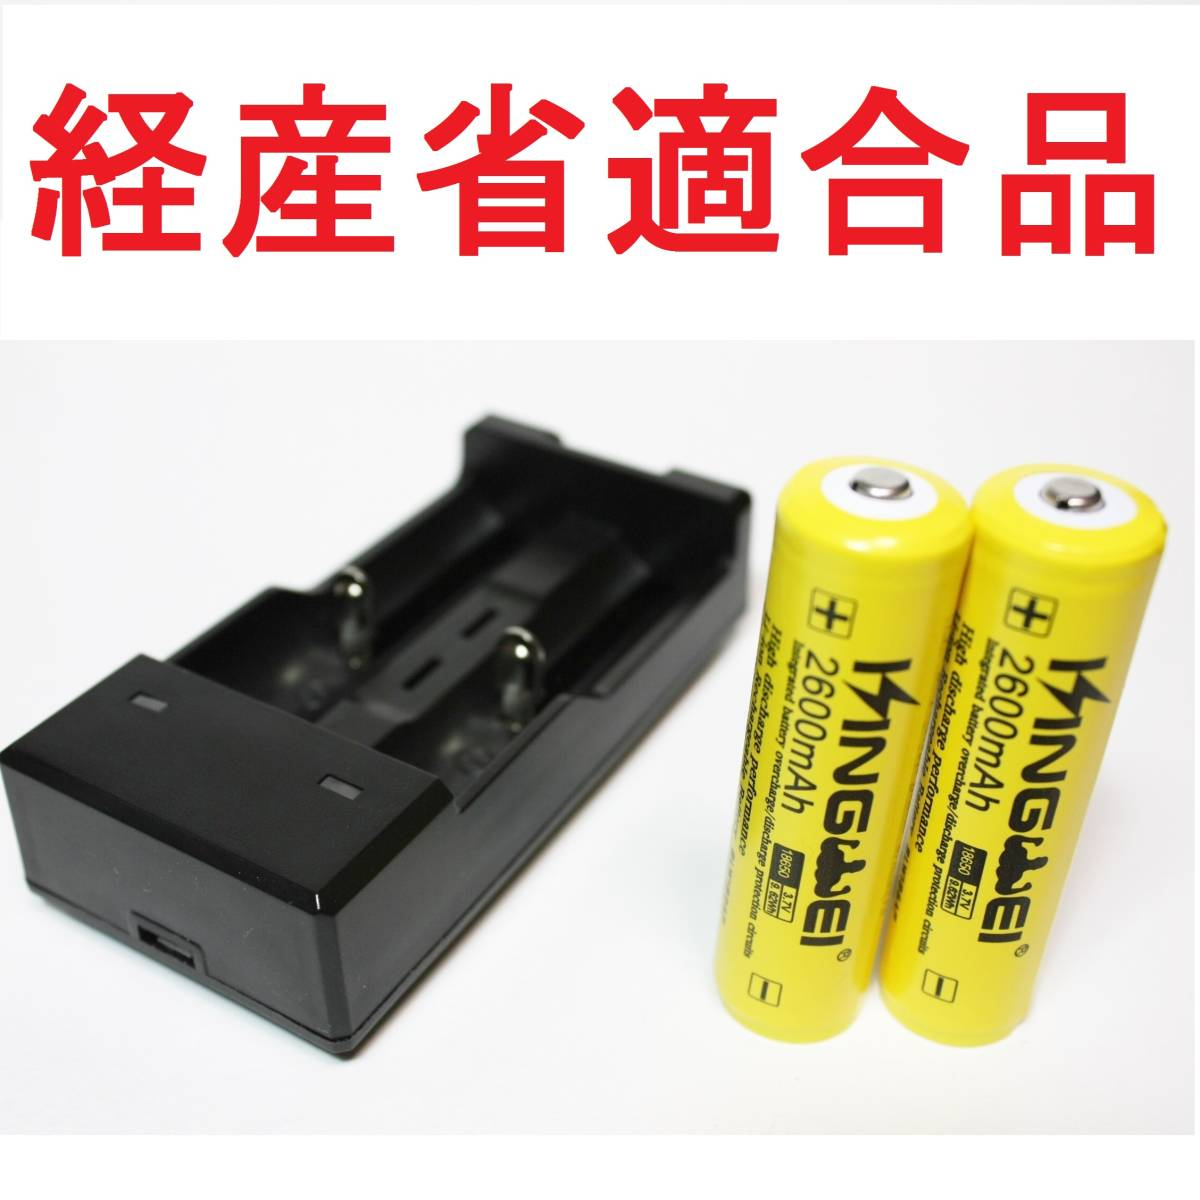 正規容量 18650 経済産業省適合品 リチウムイオン 充電池 2本 + 急速充電器 バッテリー 懐中電灯 ヘッドライト g06_画像1